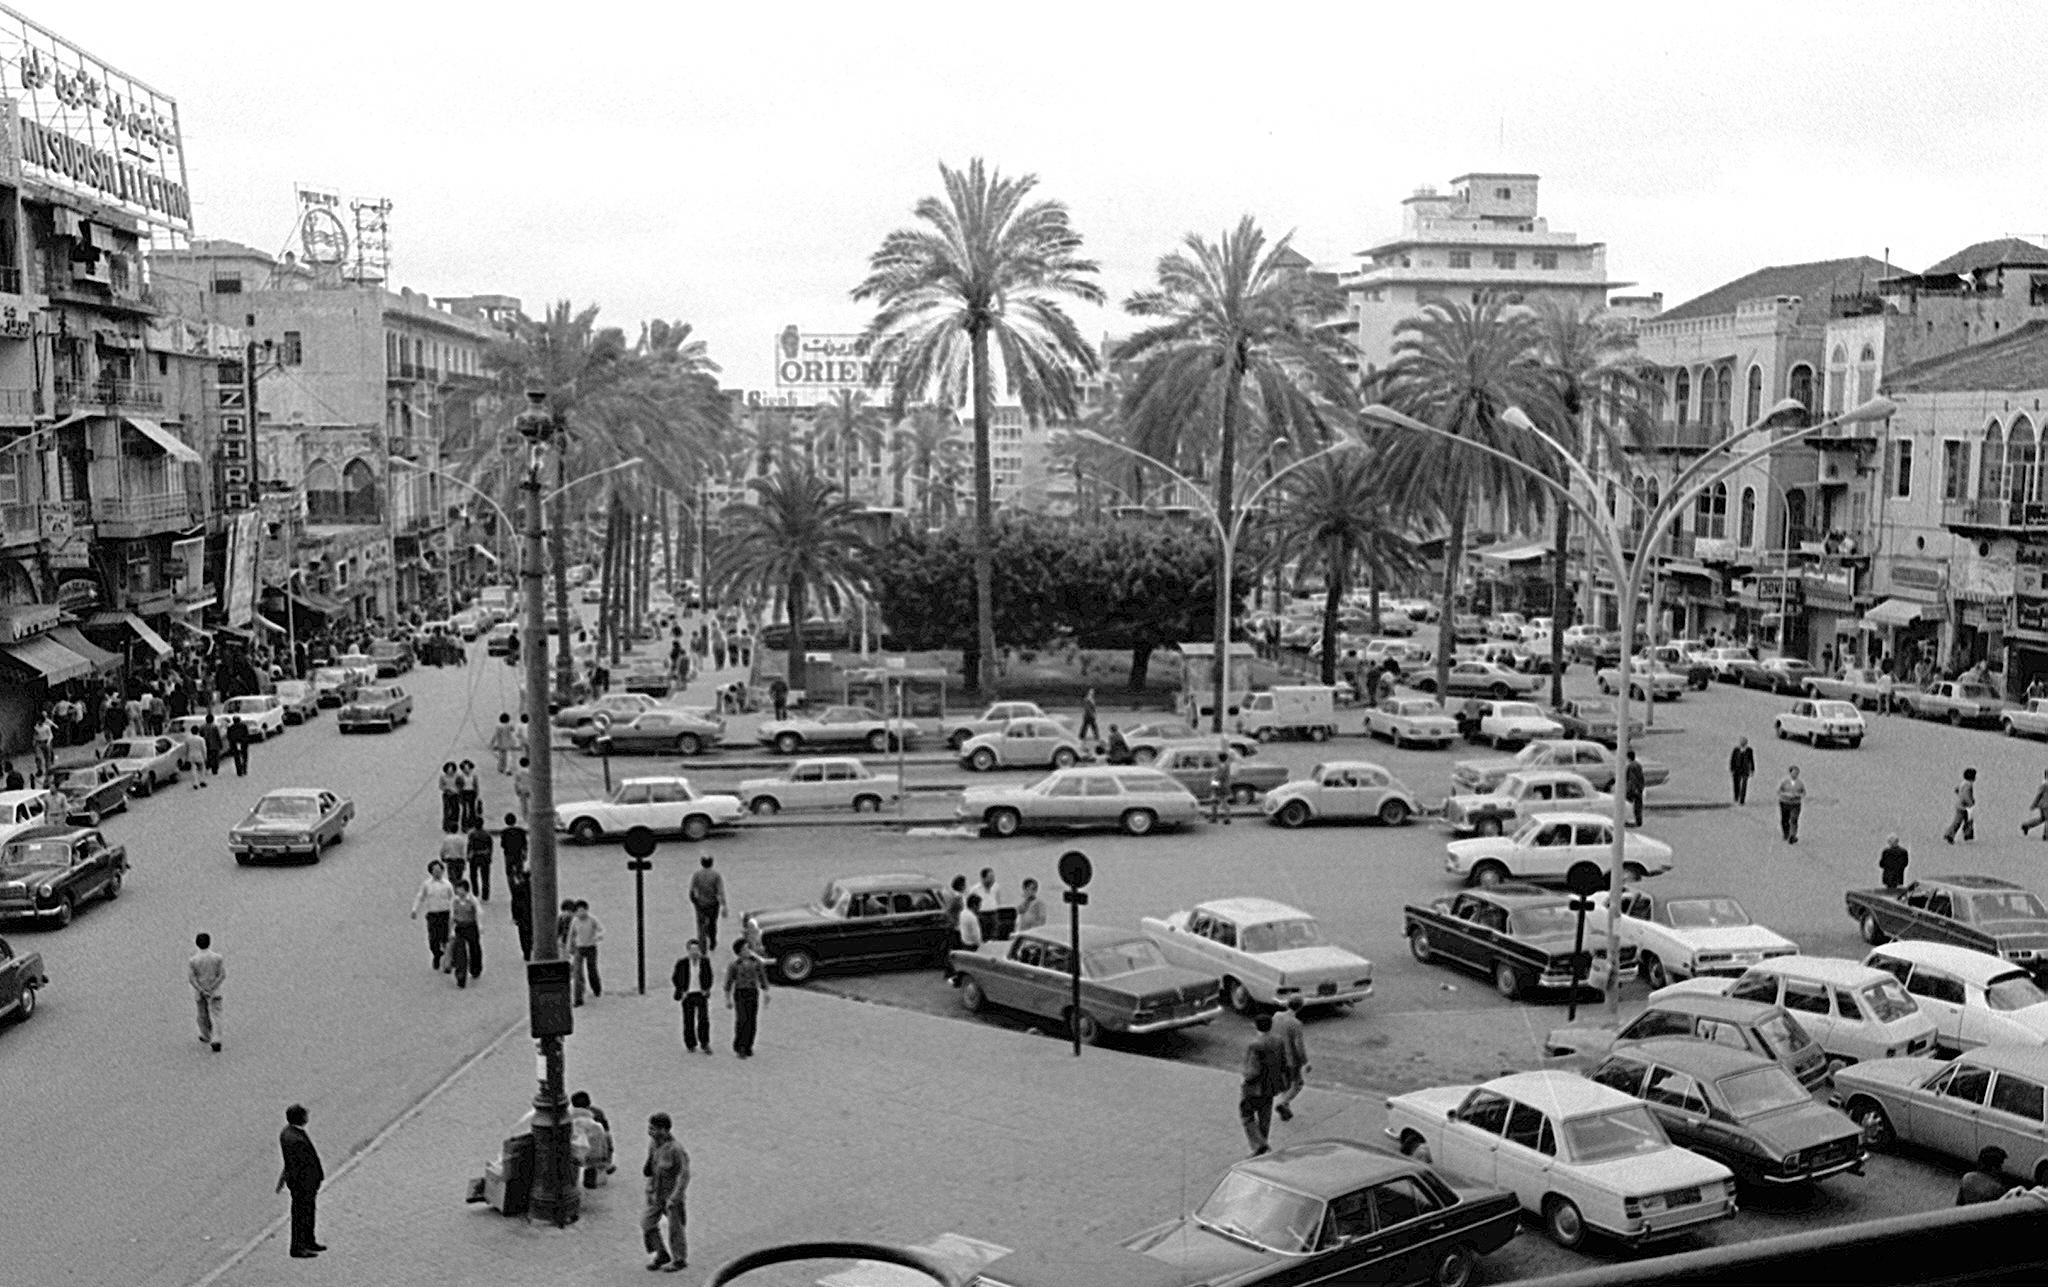 وسط العاصمة اللبنانية بيروت قبل اندلاع الحرب الأهلية (أ.ف.ب)